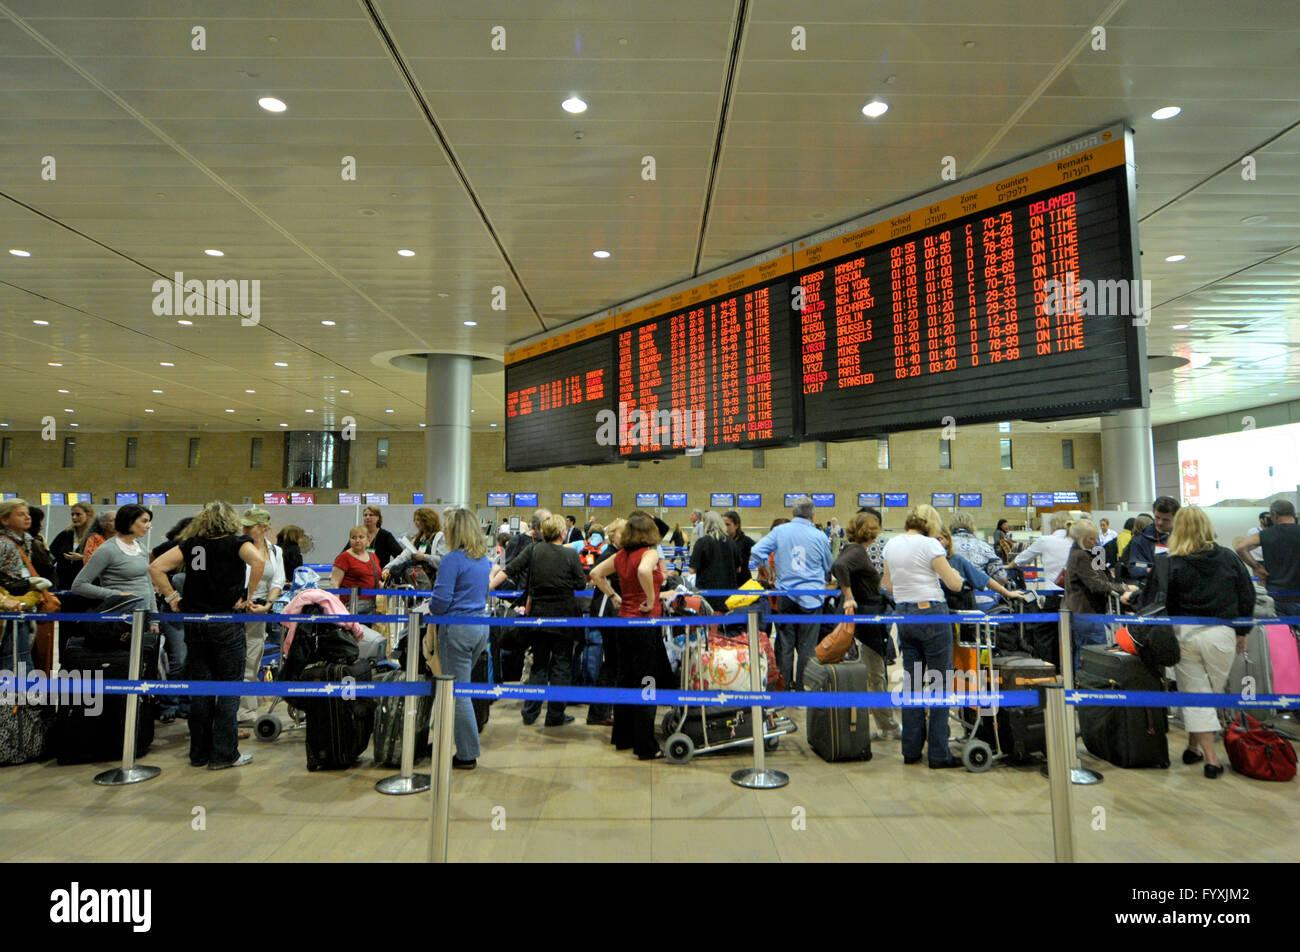 Blue apron reddit - Http C8 Alamy Com Comp Fyxjm2 Departure Hall Check In Ben Gurion Airport Tel Aviv Jaffa Israel Fyxjm2 Jpg